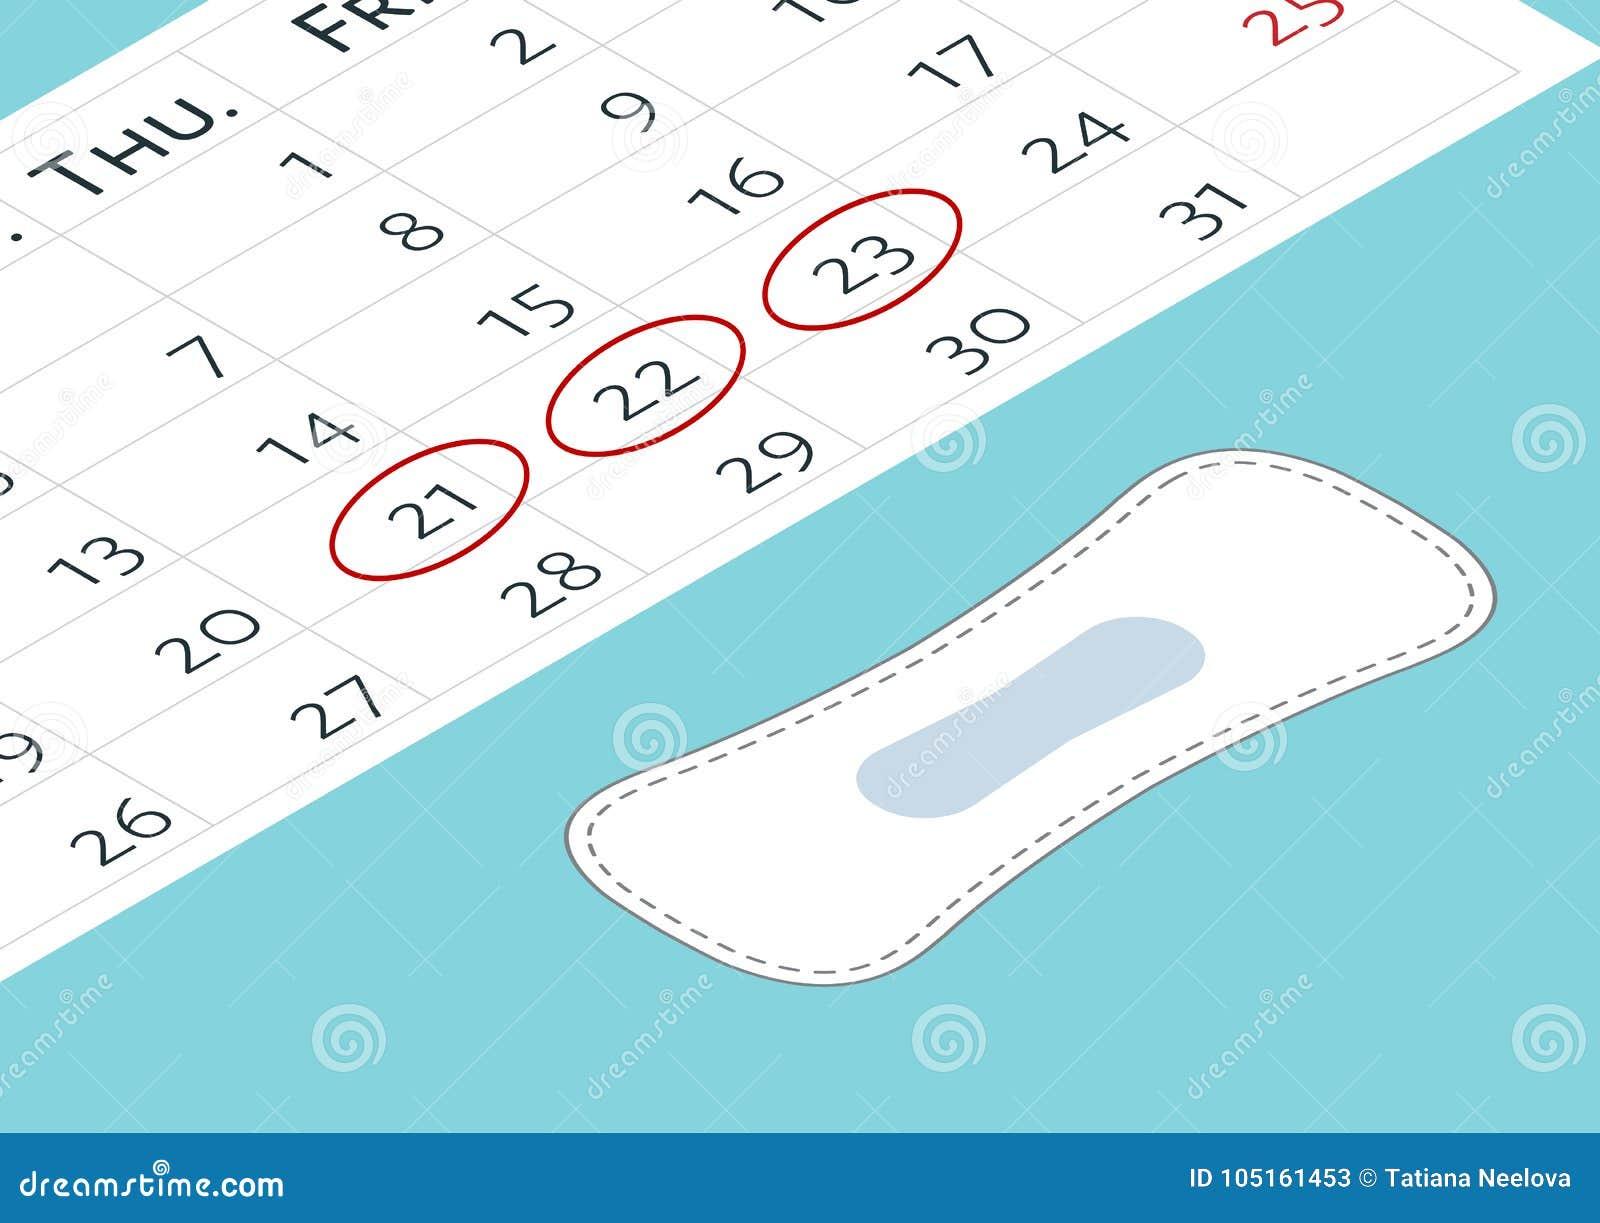 Calendario Menstrual De 31 Dias.Un Calendario Con Las Marcas Menstruales De Los Dias Y Los